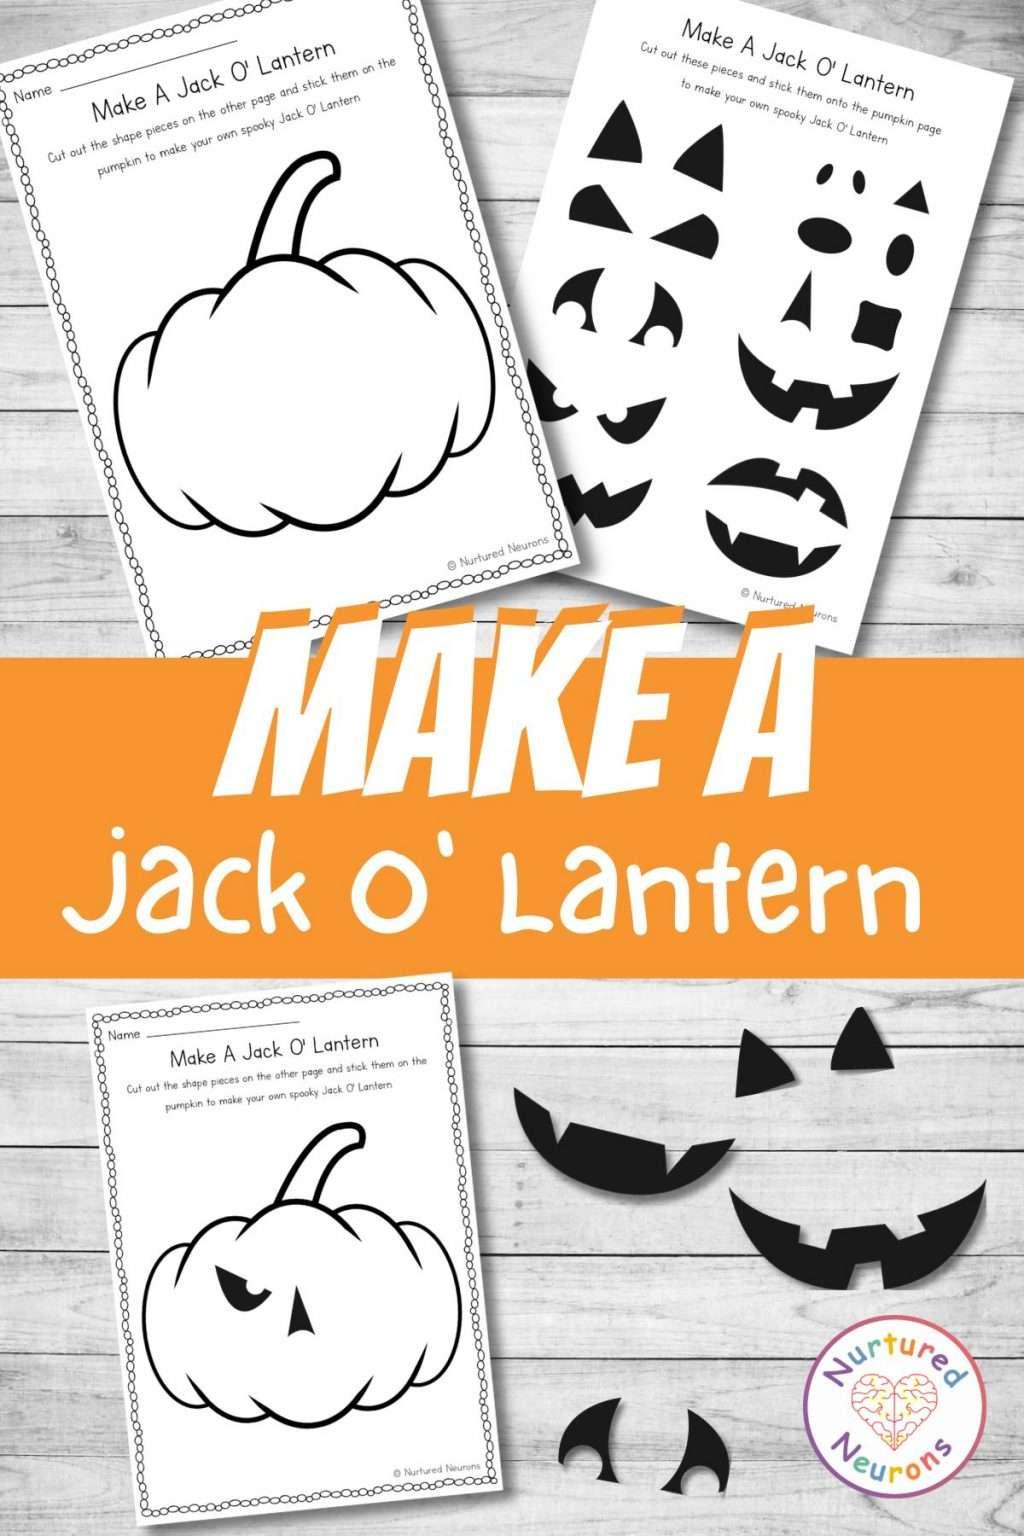 make a jack o lantern printable Halloween craft for kids